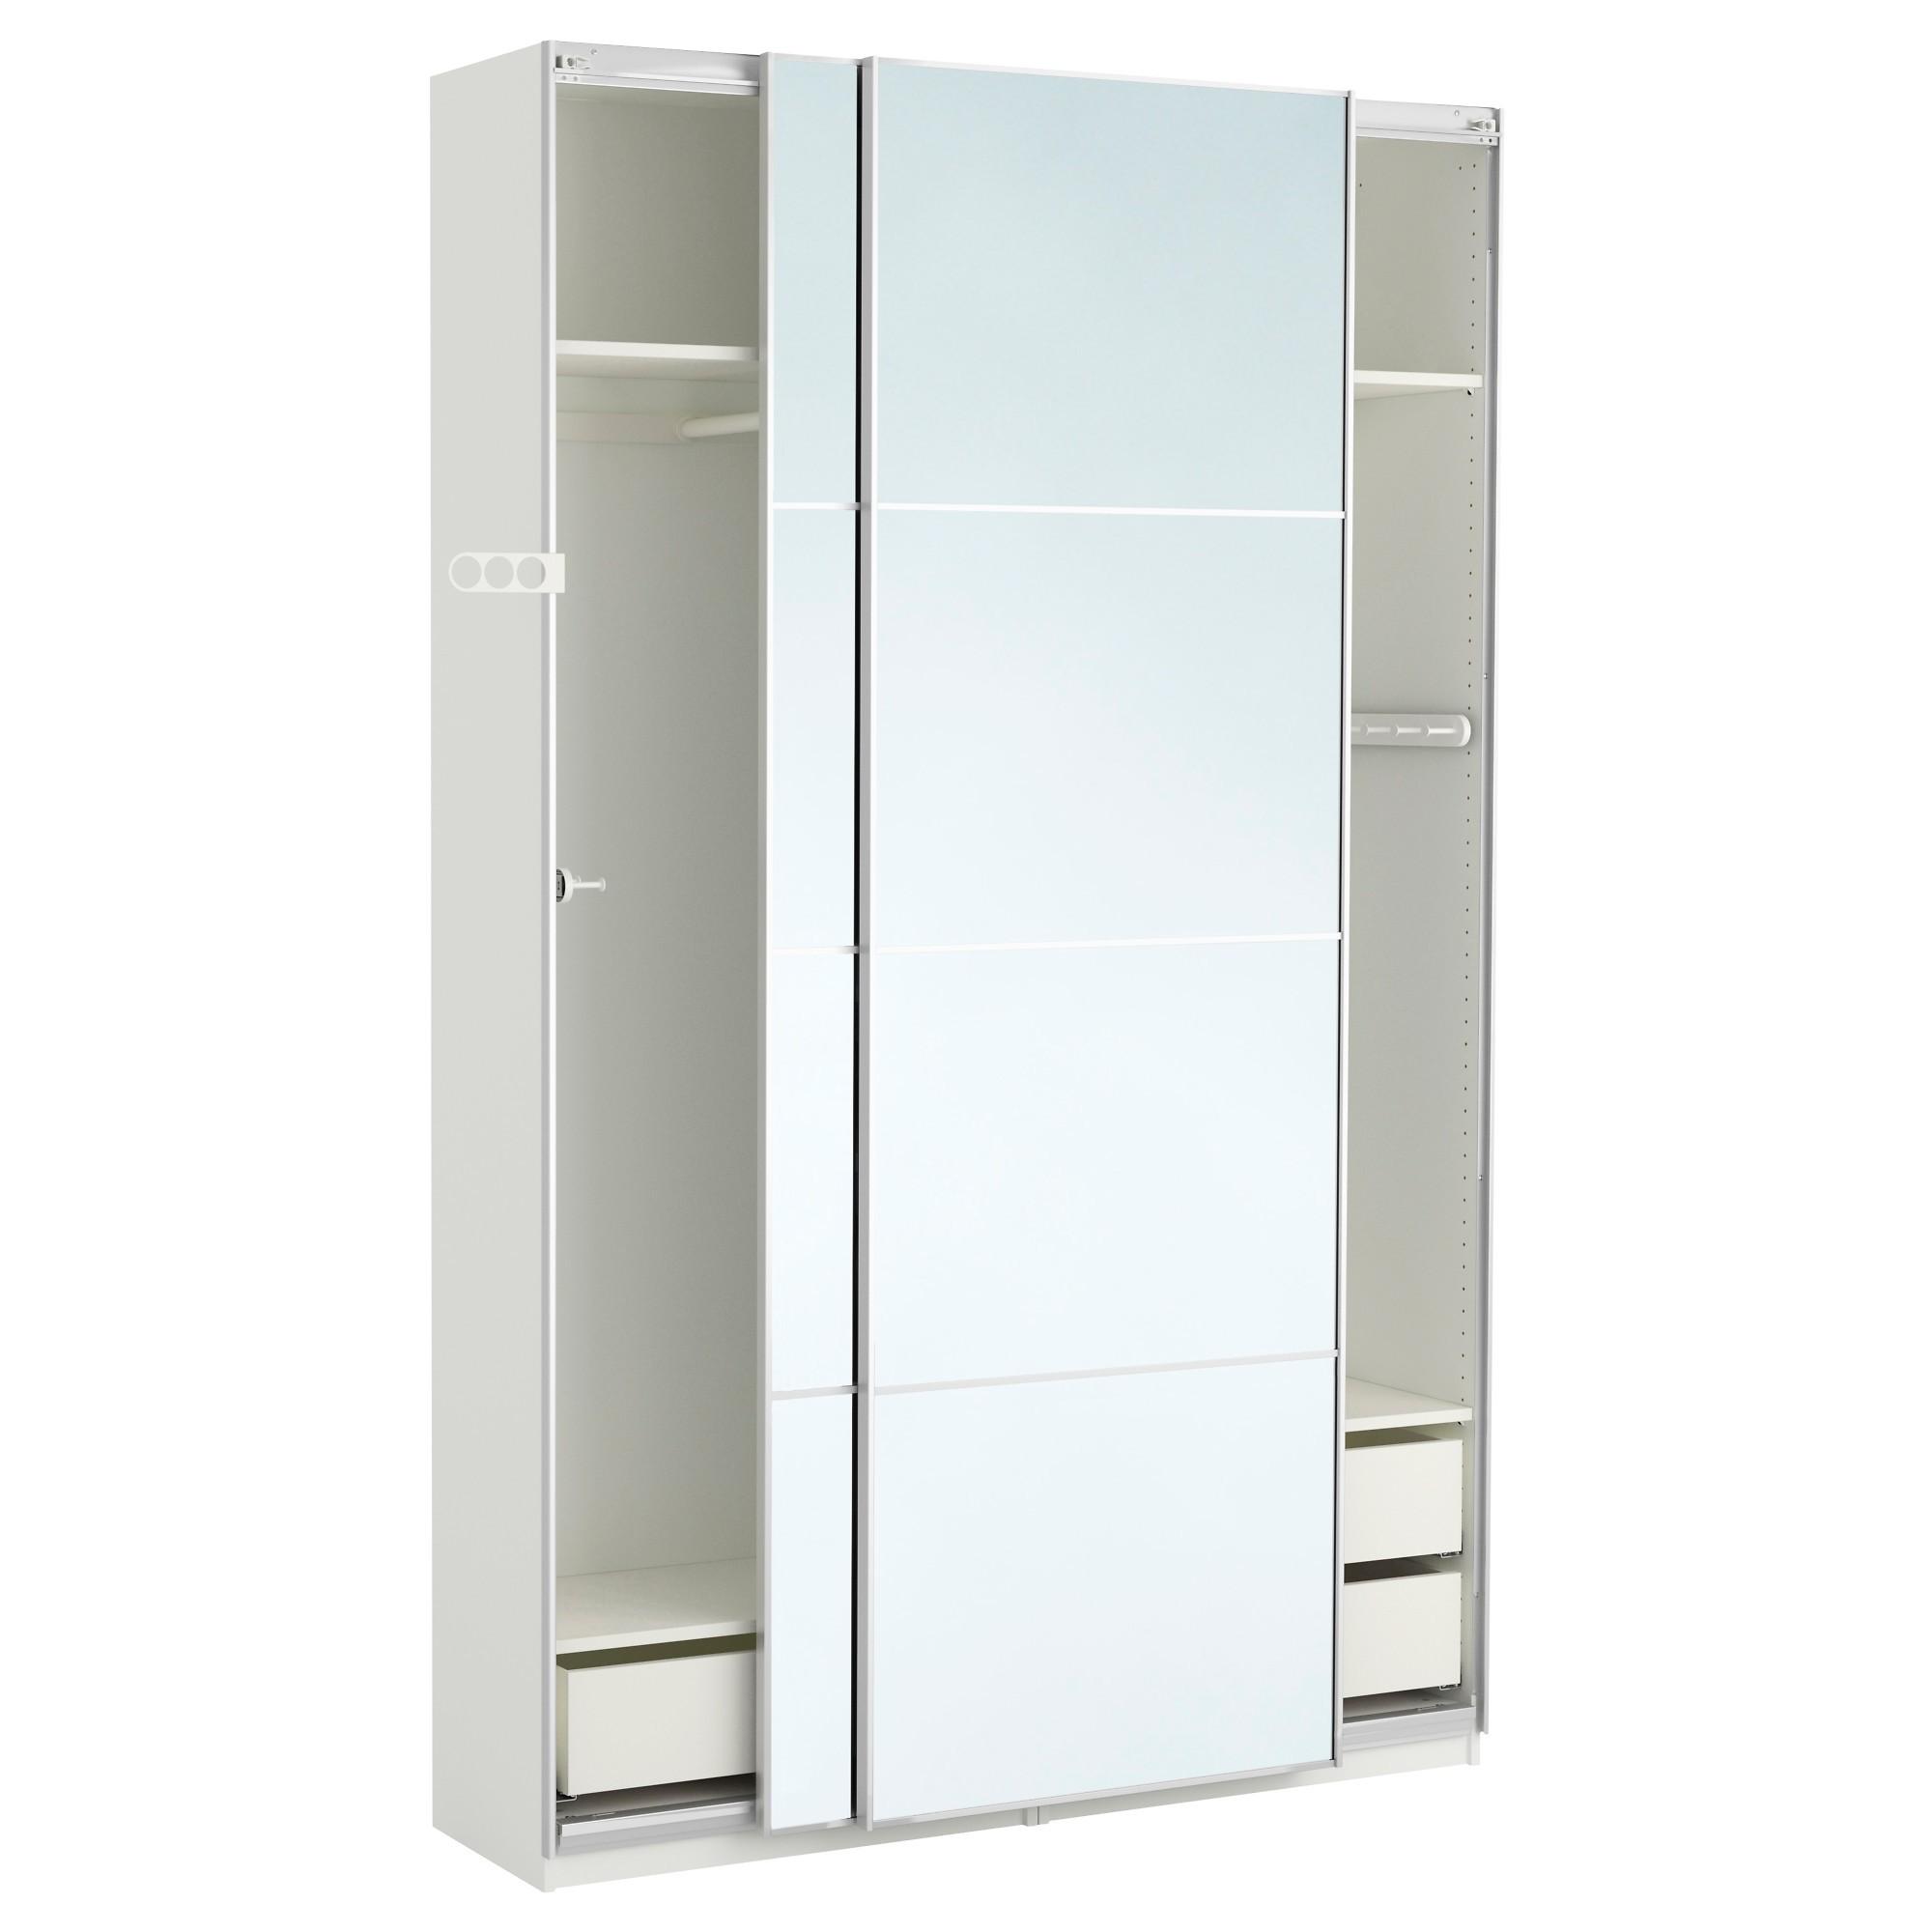 armoire portes coulissantes largeur 150 cm armoire. Black Bedroom Furniture Sets. Home Design Ideas